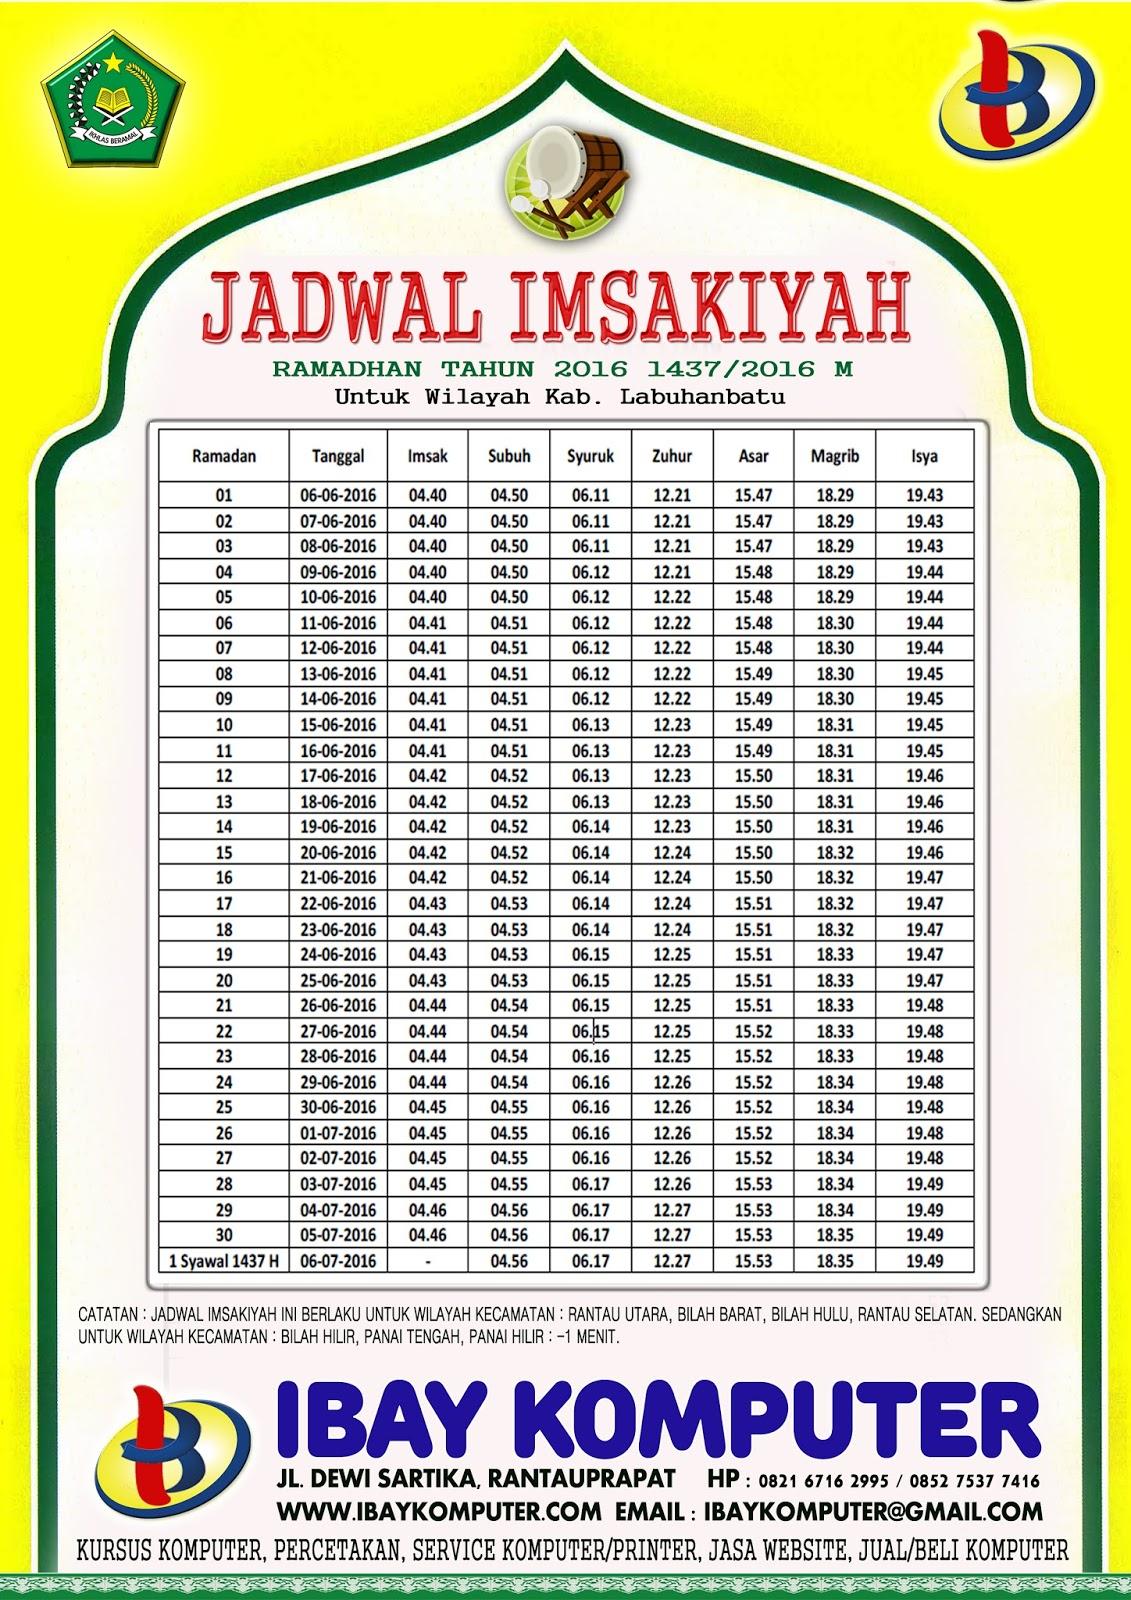 Jadwal Imsakiyah 2015 Pdf